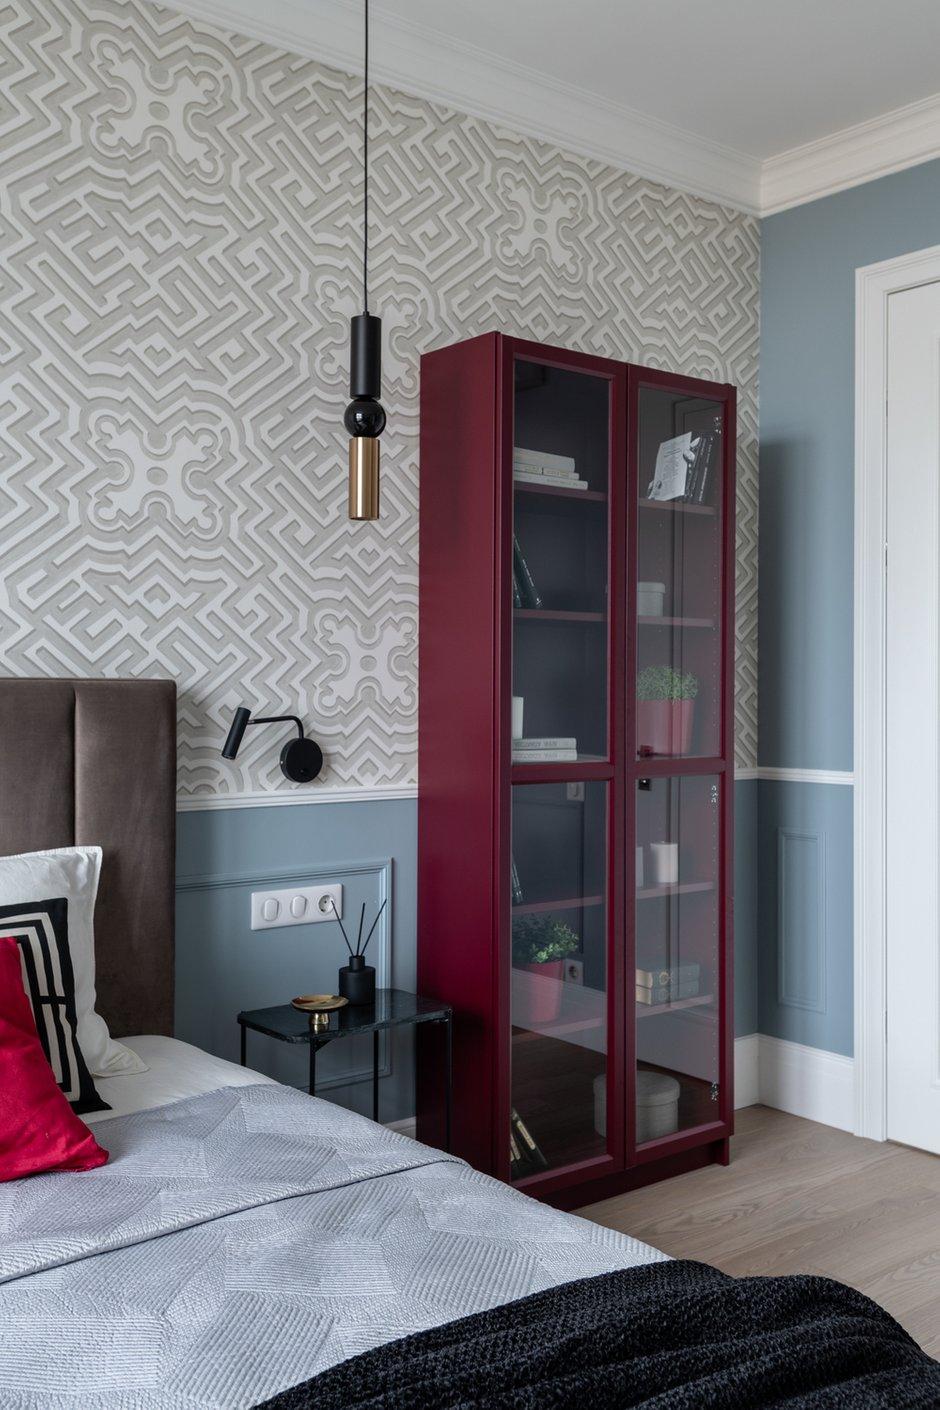 Фотография: Спальня в стиле Современный, Квартира, Проект недели, Москва, 3 комнаты, 60-90 метров, Анна Моджаро – фото на INMYROOM